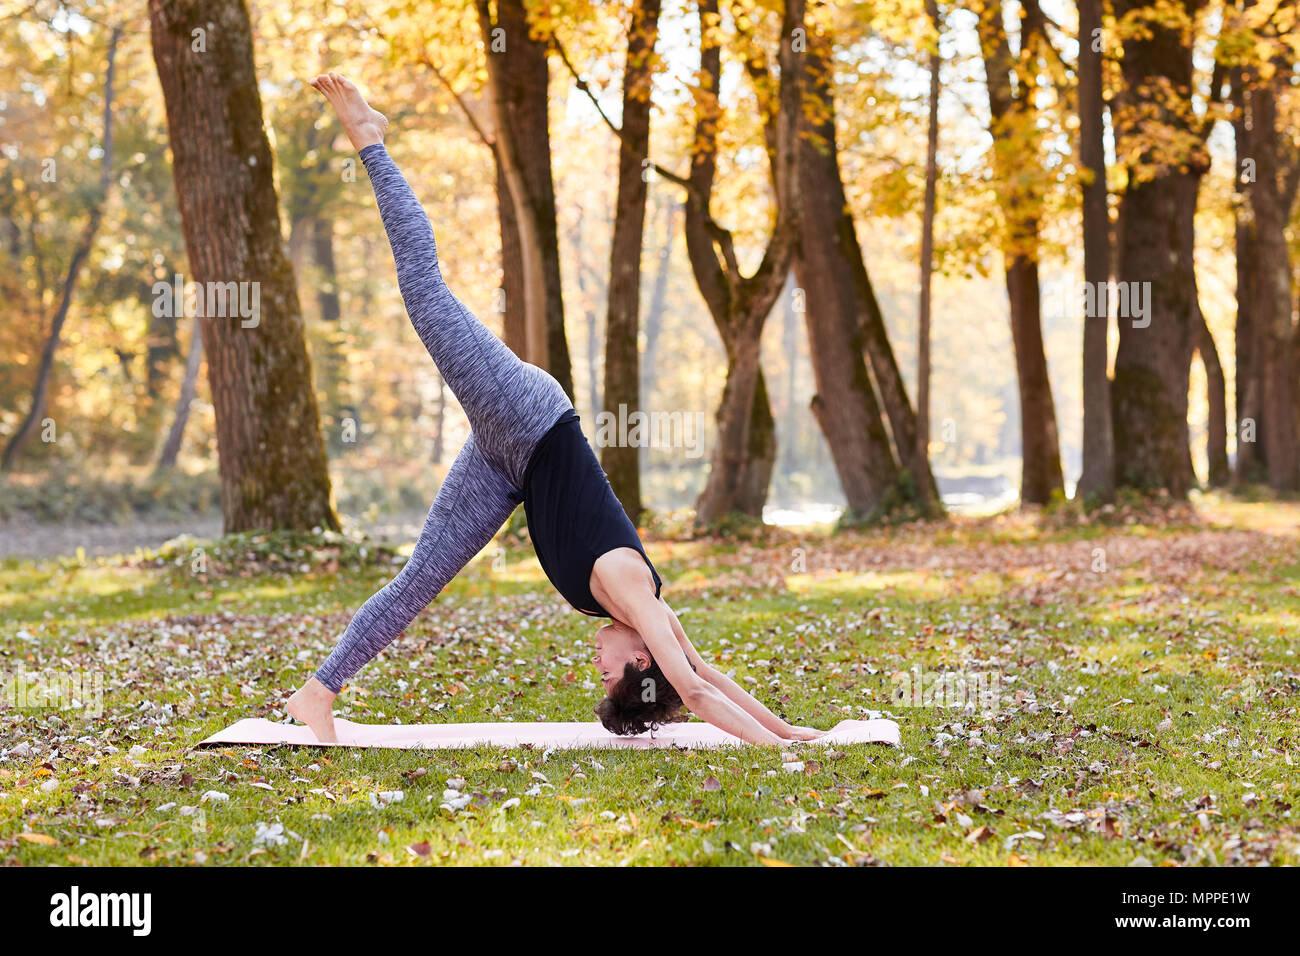 Metà donna adulta nella foresta a praticare yoga e rivolti verso il basso, posizione del cane Immagini Stock